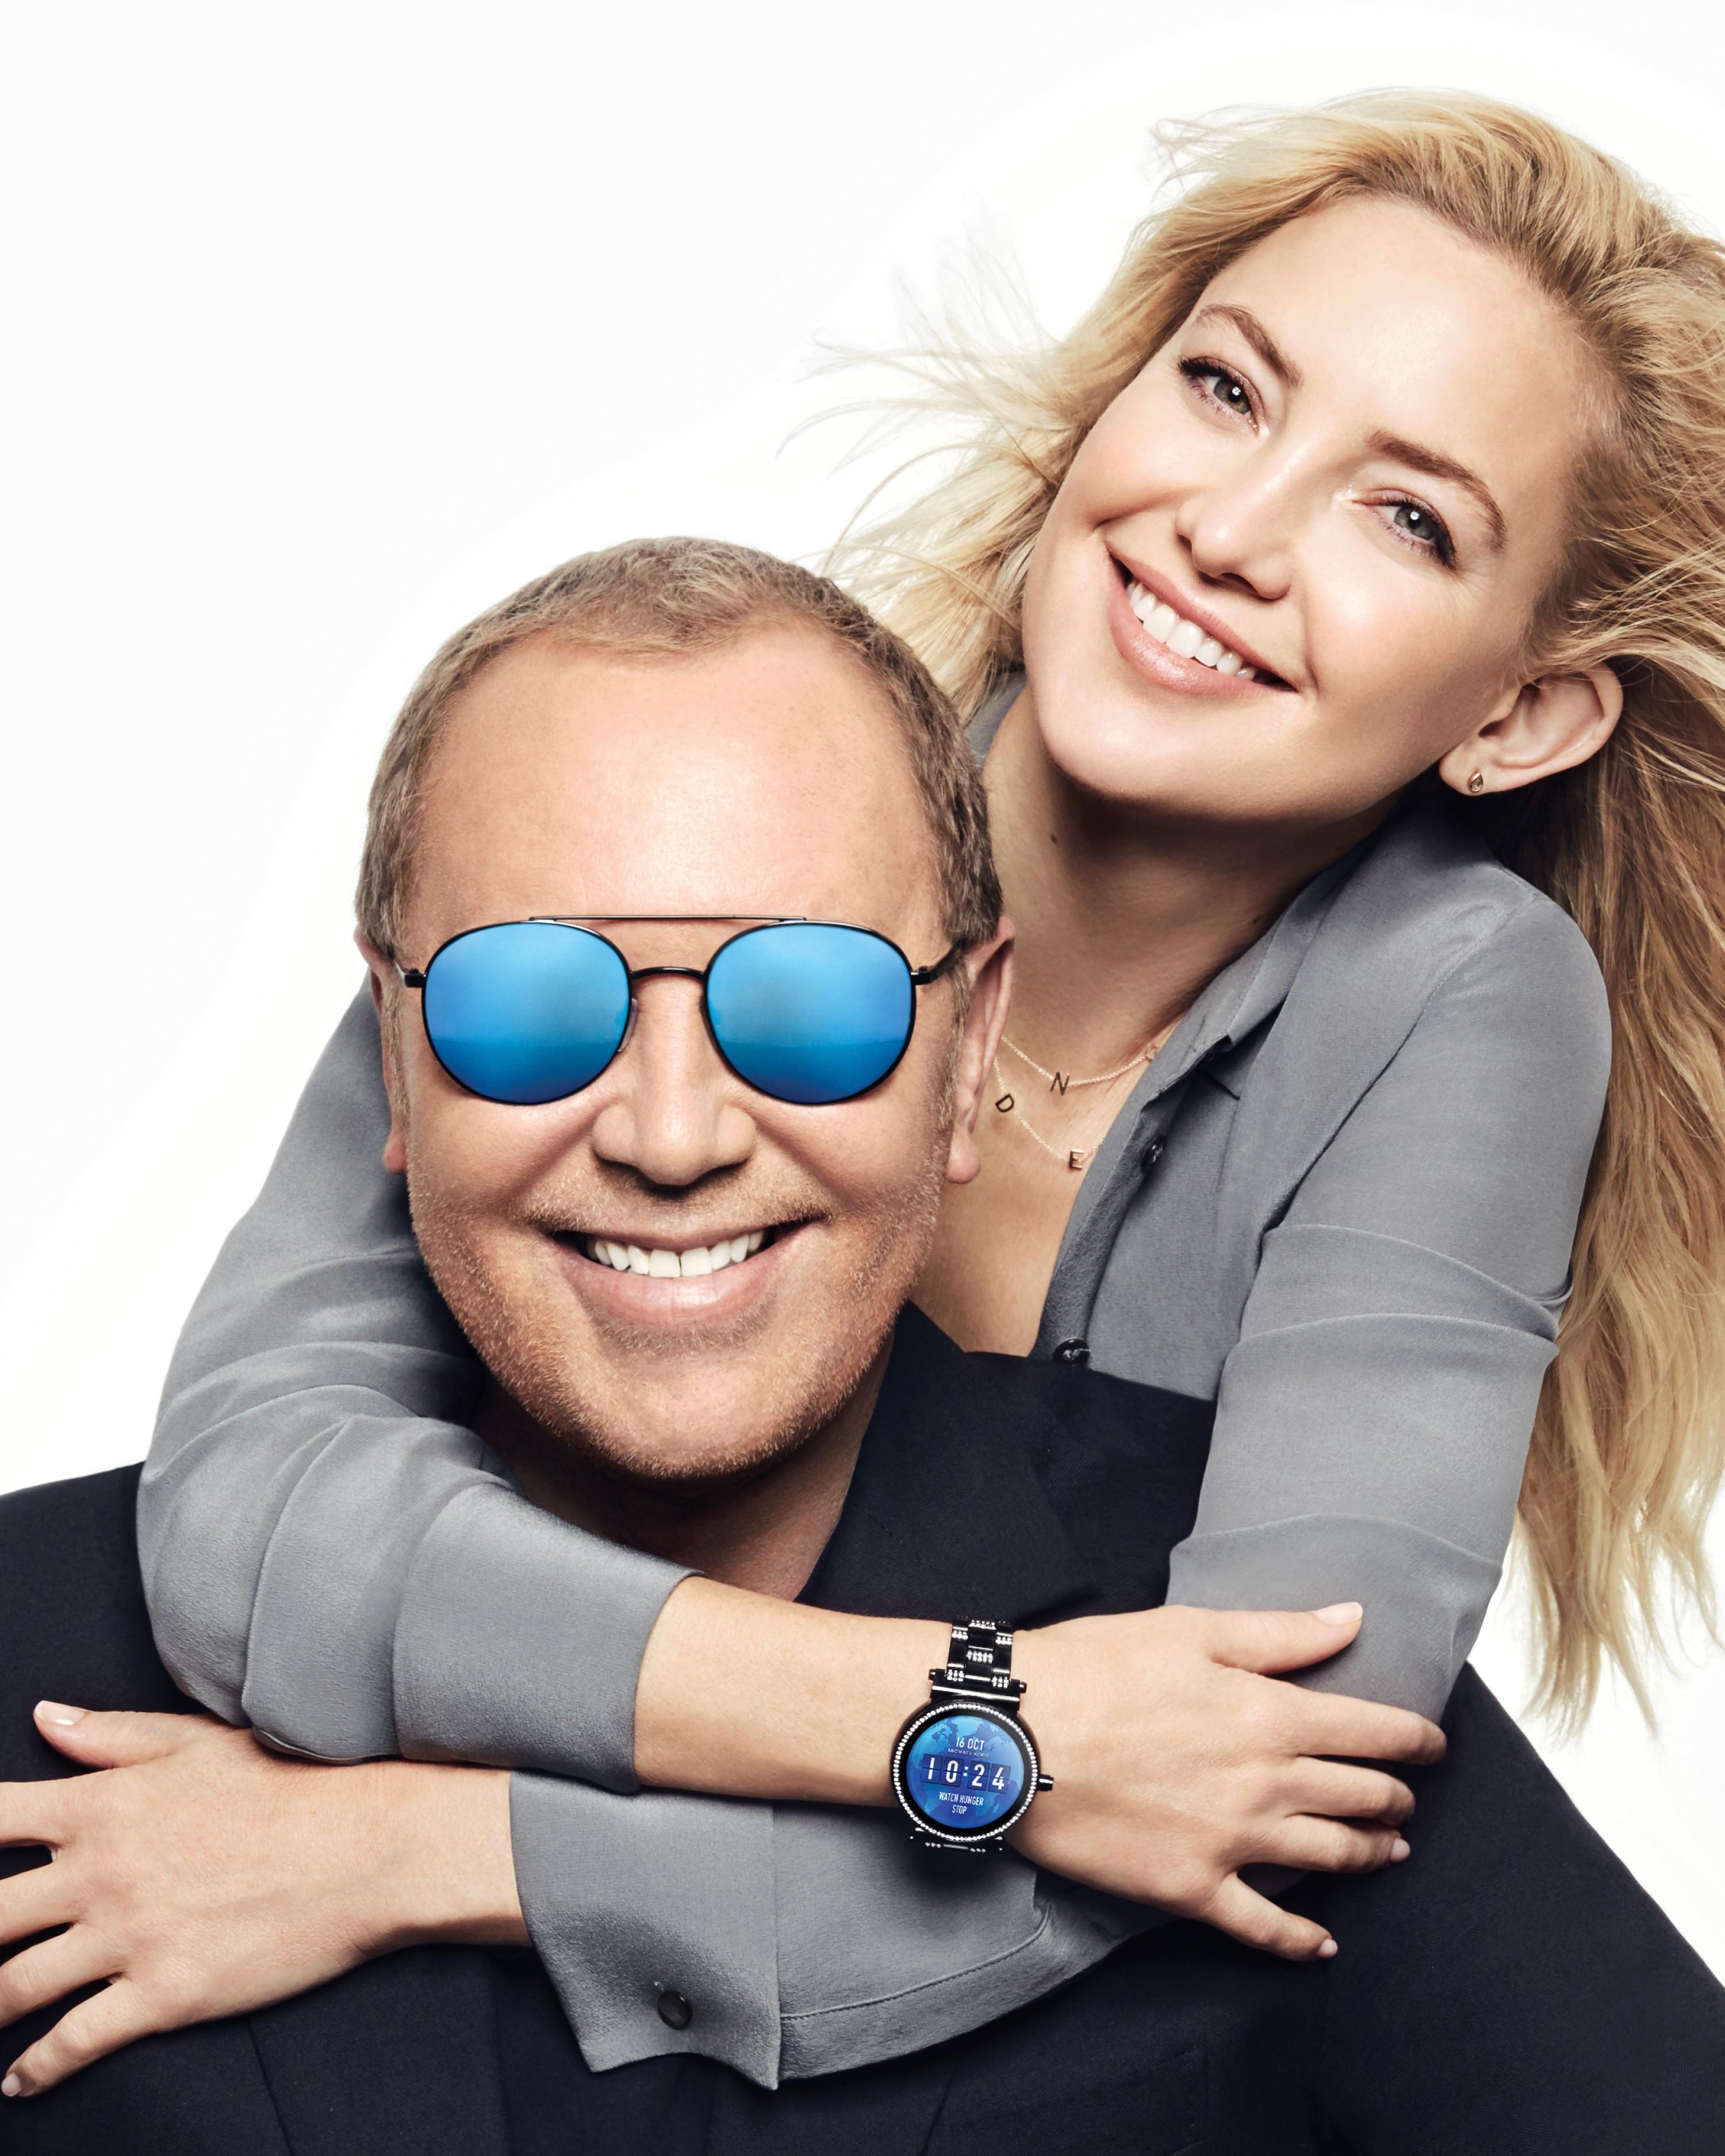 Kate Hudson e Michael Kors na campanha Watch Hunger Stop (Foto: Divulgação)